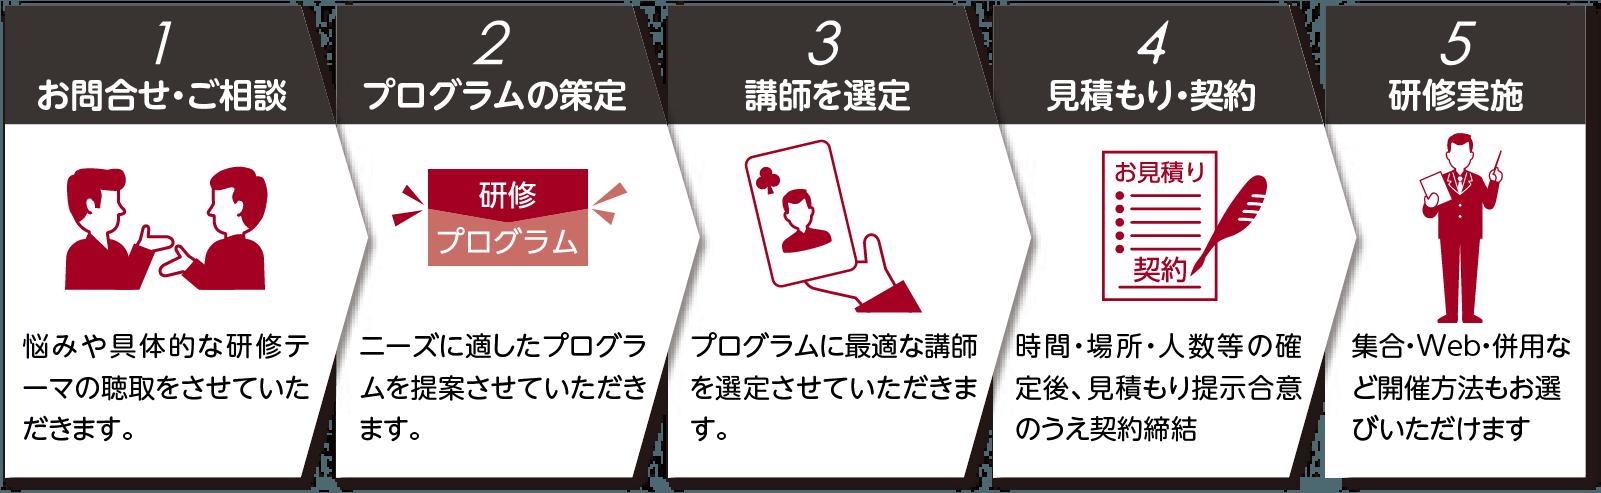 1.お問合せ・ご相談→2.プログラムの策定→3.講師を選定→4.見積もり・契約→5.研修実施